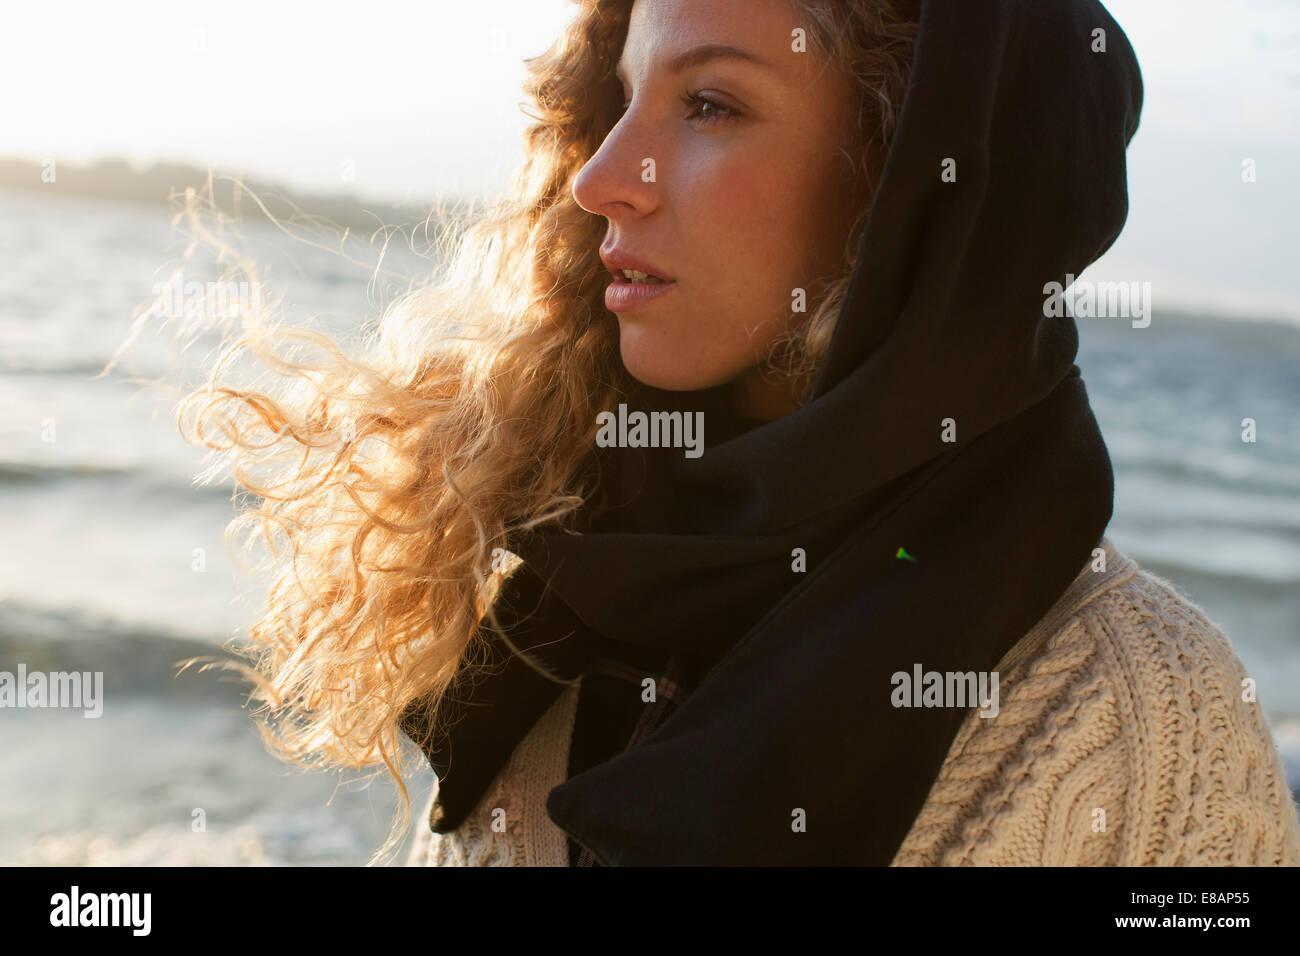 Mujer todo envuelto en playa ventosa Foto de stock